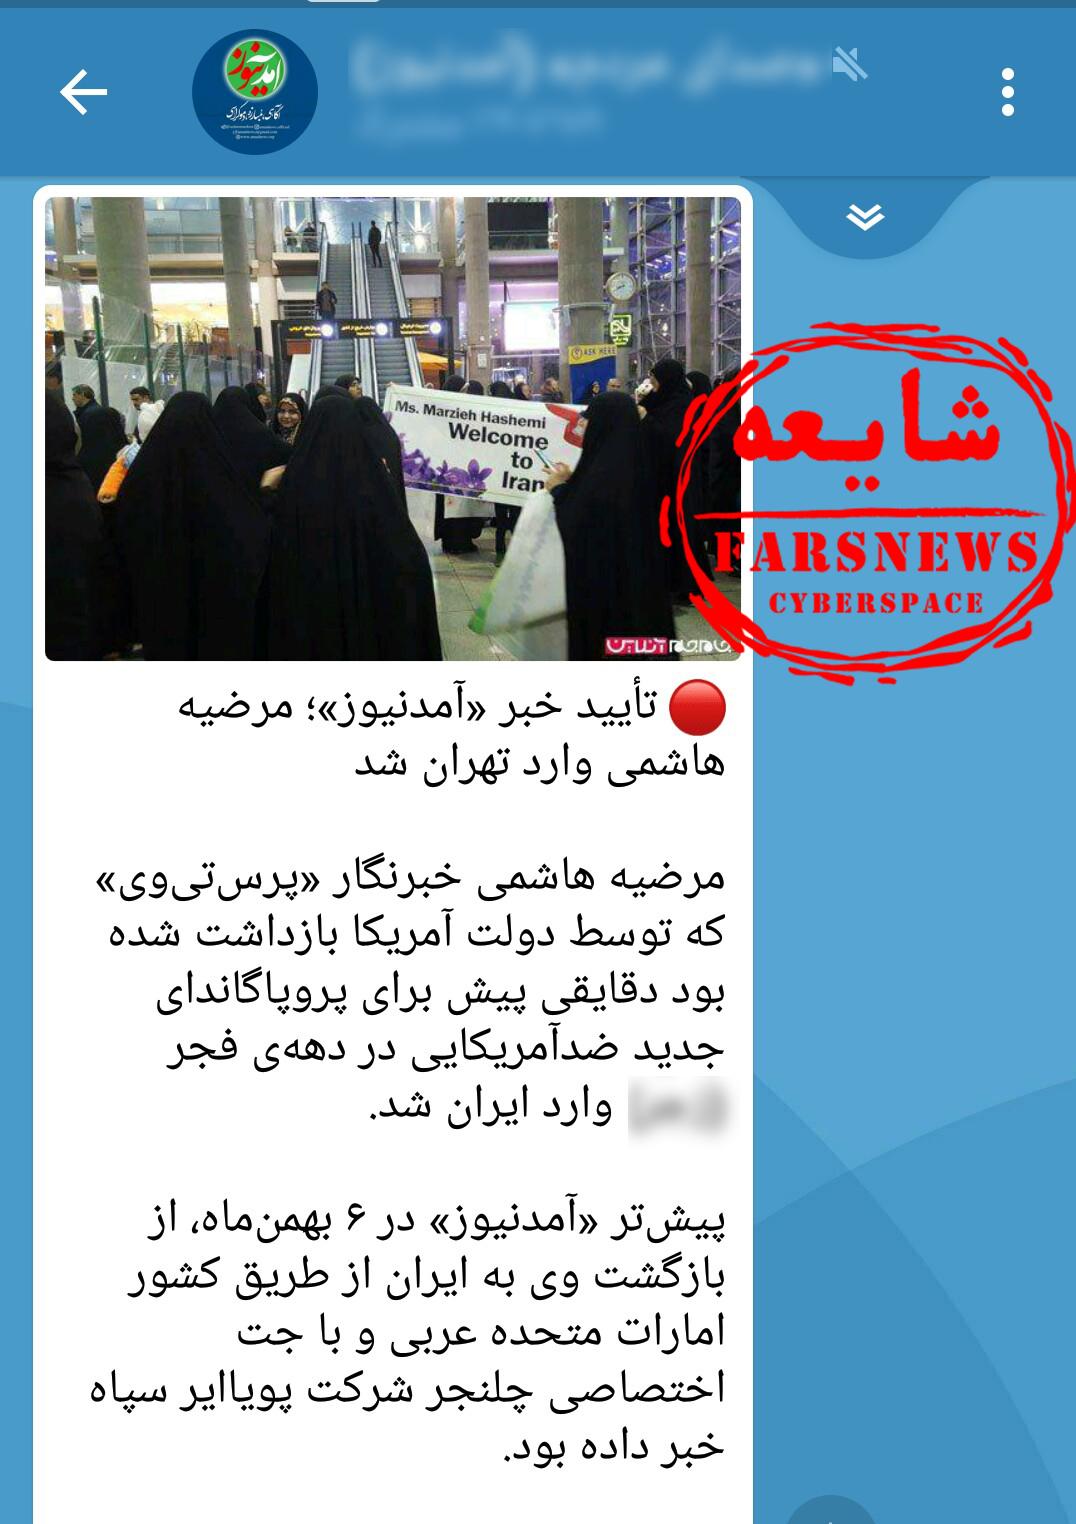 رسوایی جدید رسانه ضد انقلاب / از دروغ های آمد نیوز چه خبر؟ + تصاویر و فیلم